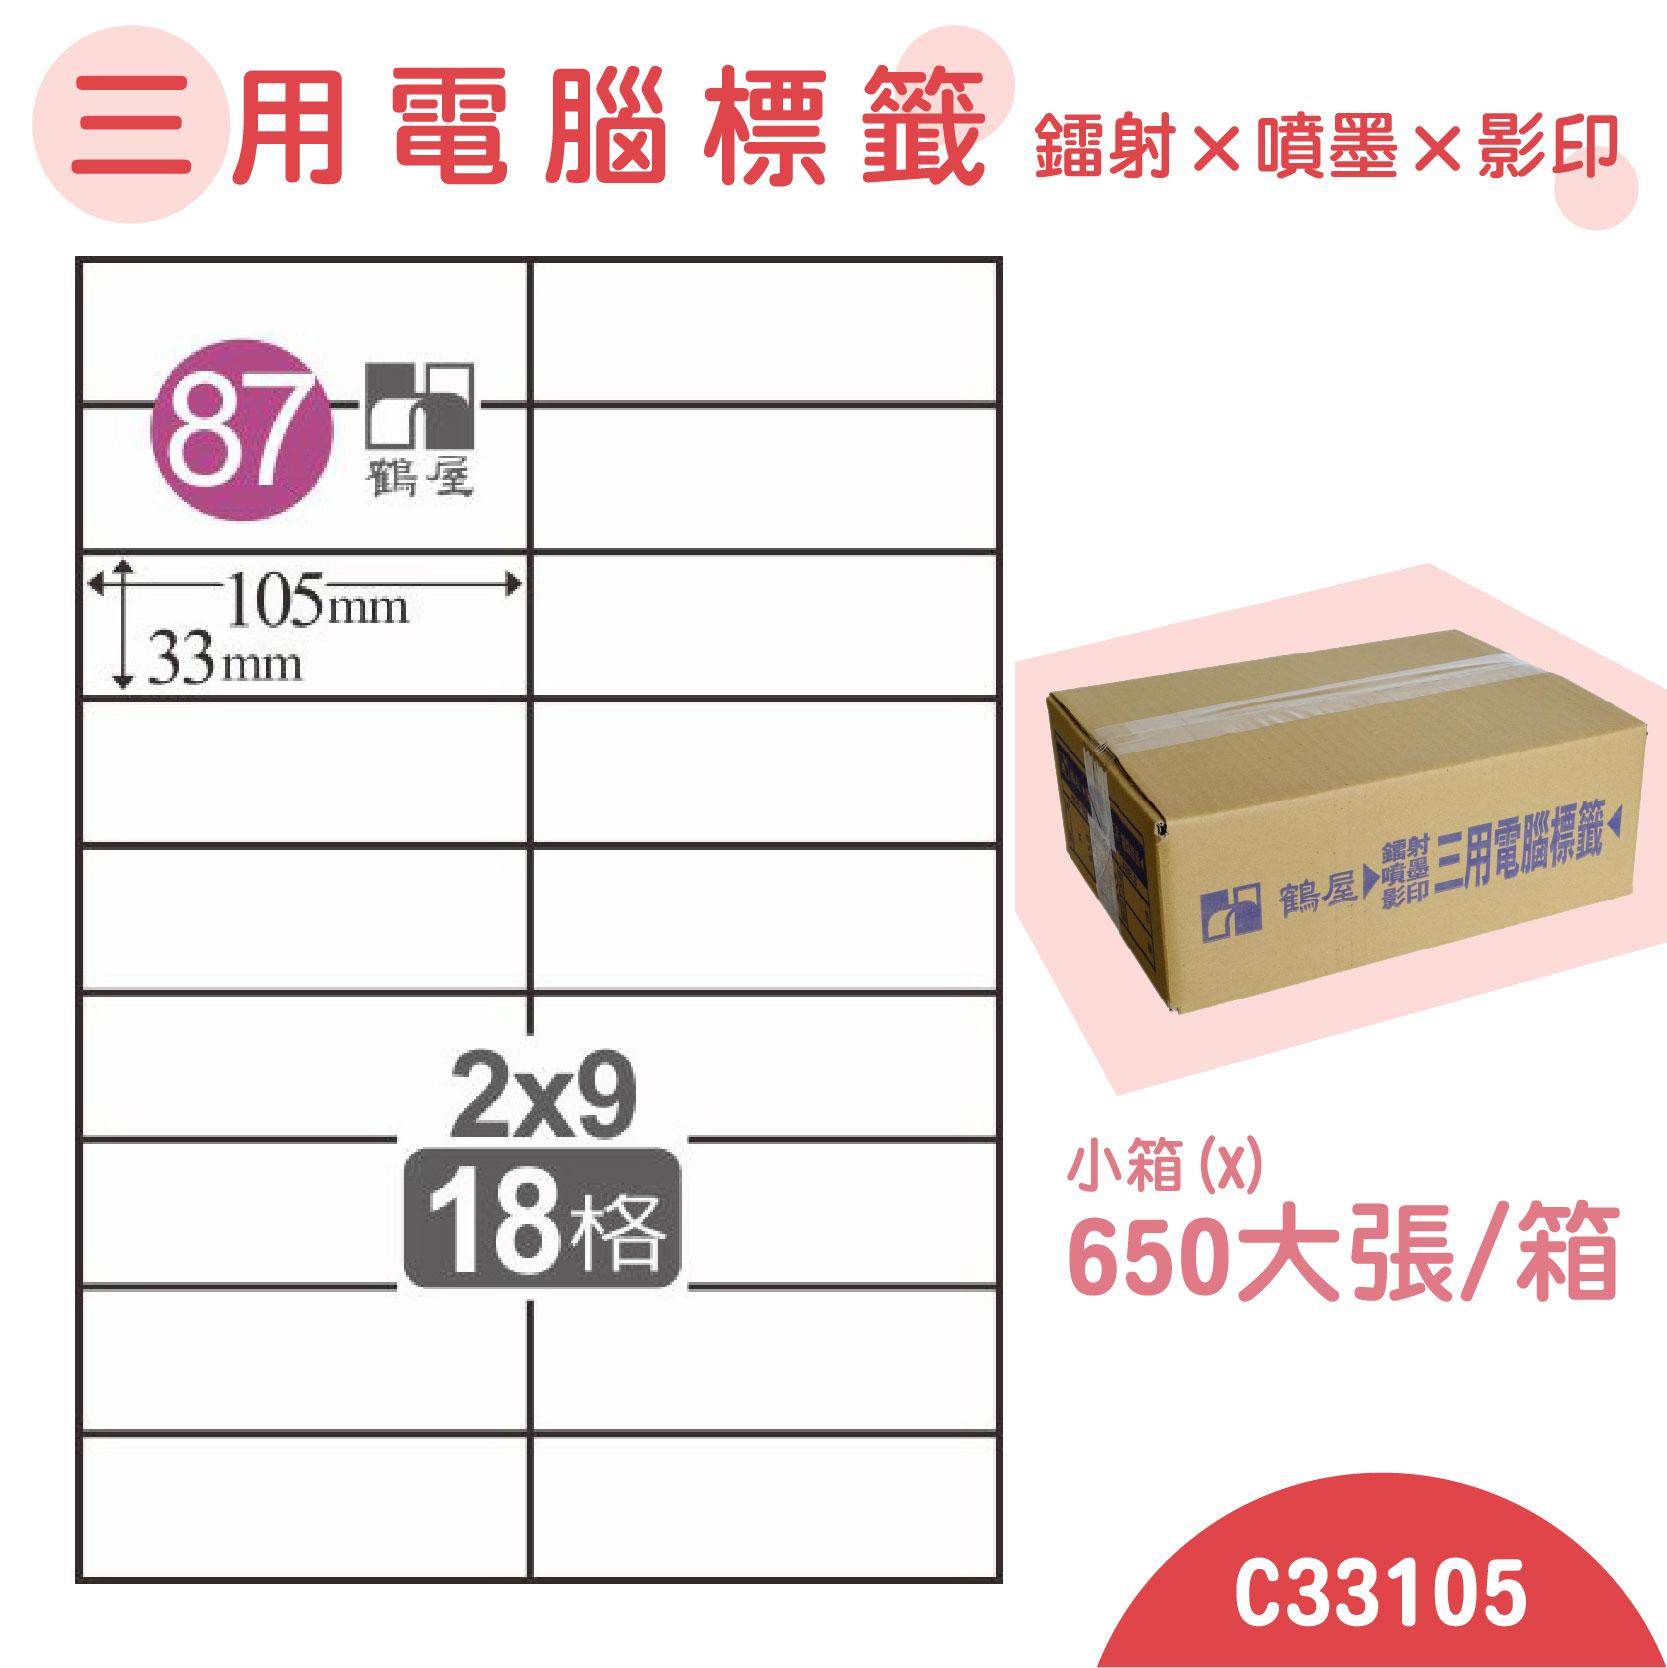 電腦標籤紙(鶴屋) 白色 C33105 18格 650大張/小箱 影印 雷射 噴墨 三用 標籤 貼紙 信封 光碟標籤